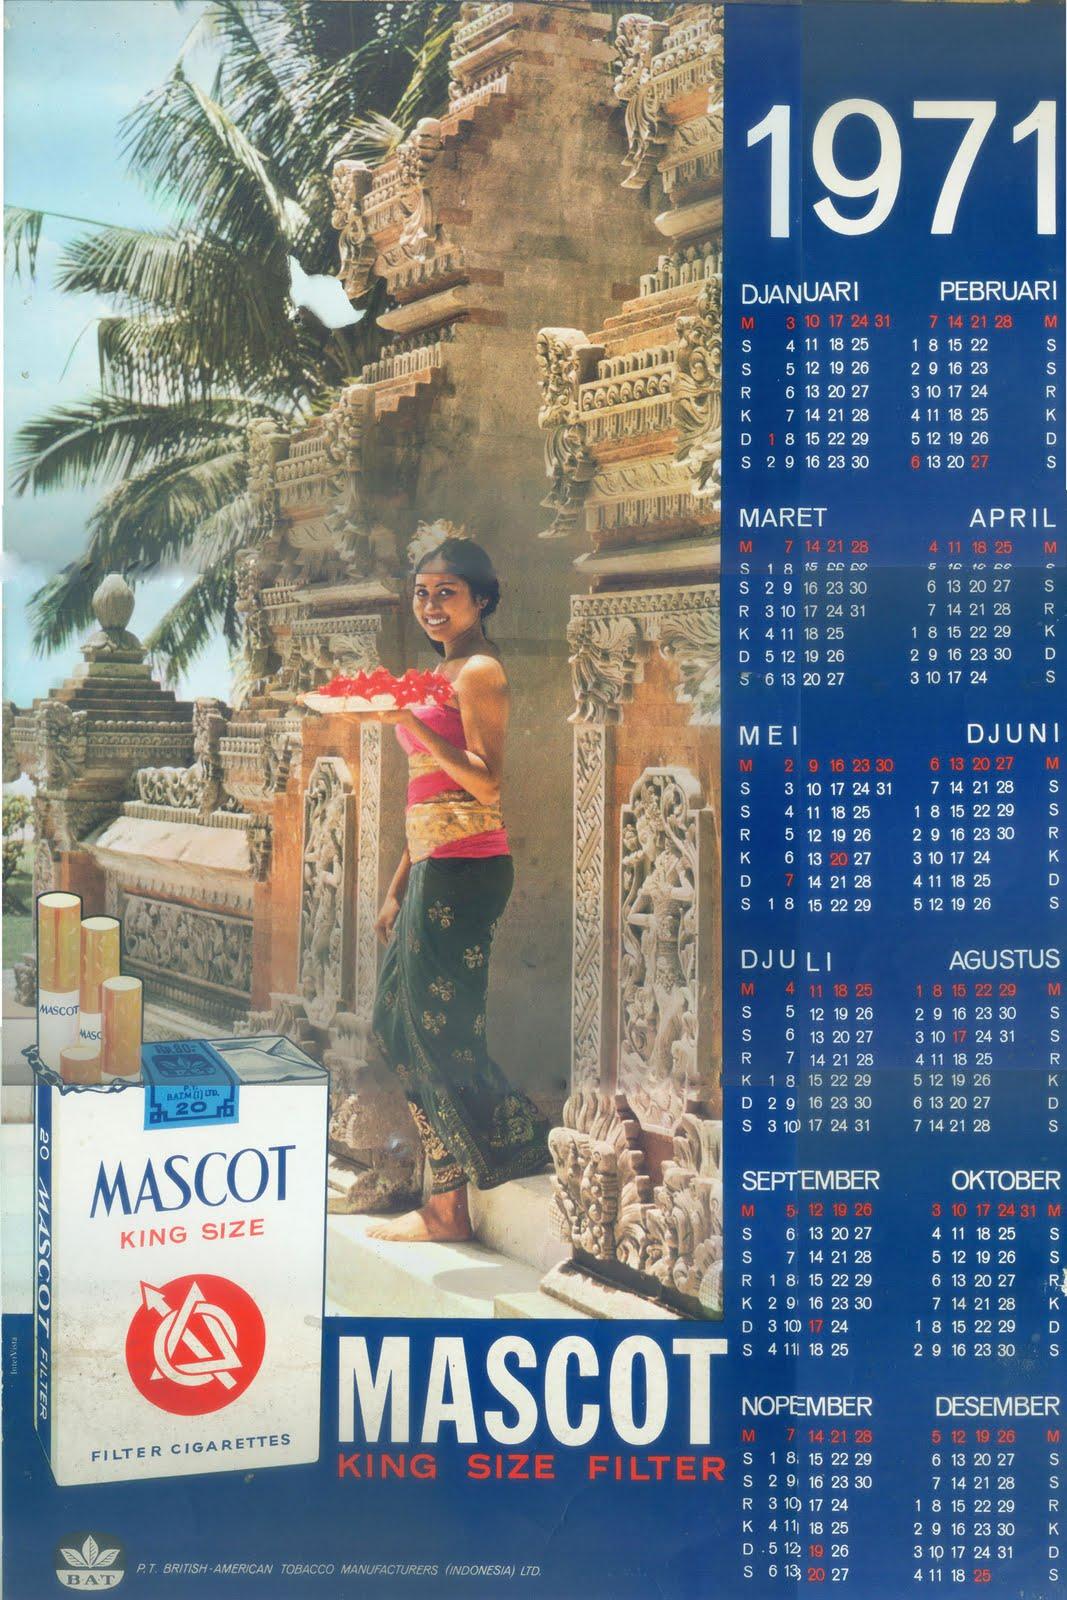 71 Tren Gaya Gambar Kalender Tahun 1977 Desain Kalender Kalender ini dibuat kembali untuk anda yang ingin melihat kalender 1980, dilengkapi tanggalan jawa dan hari pasaran. tren gaya gambar kalender tahun 1977